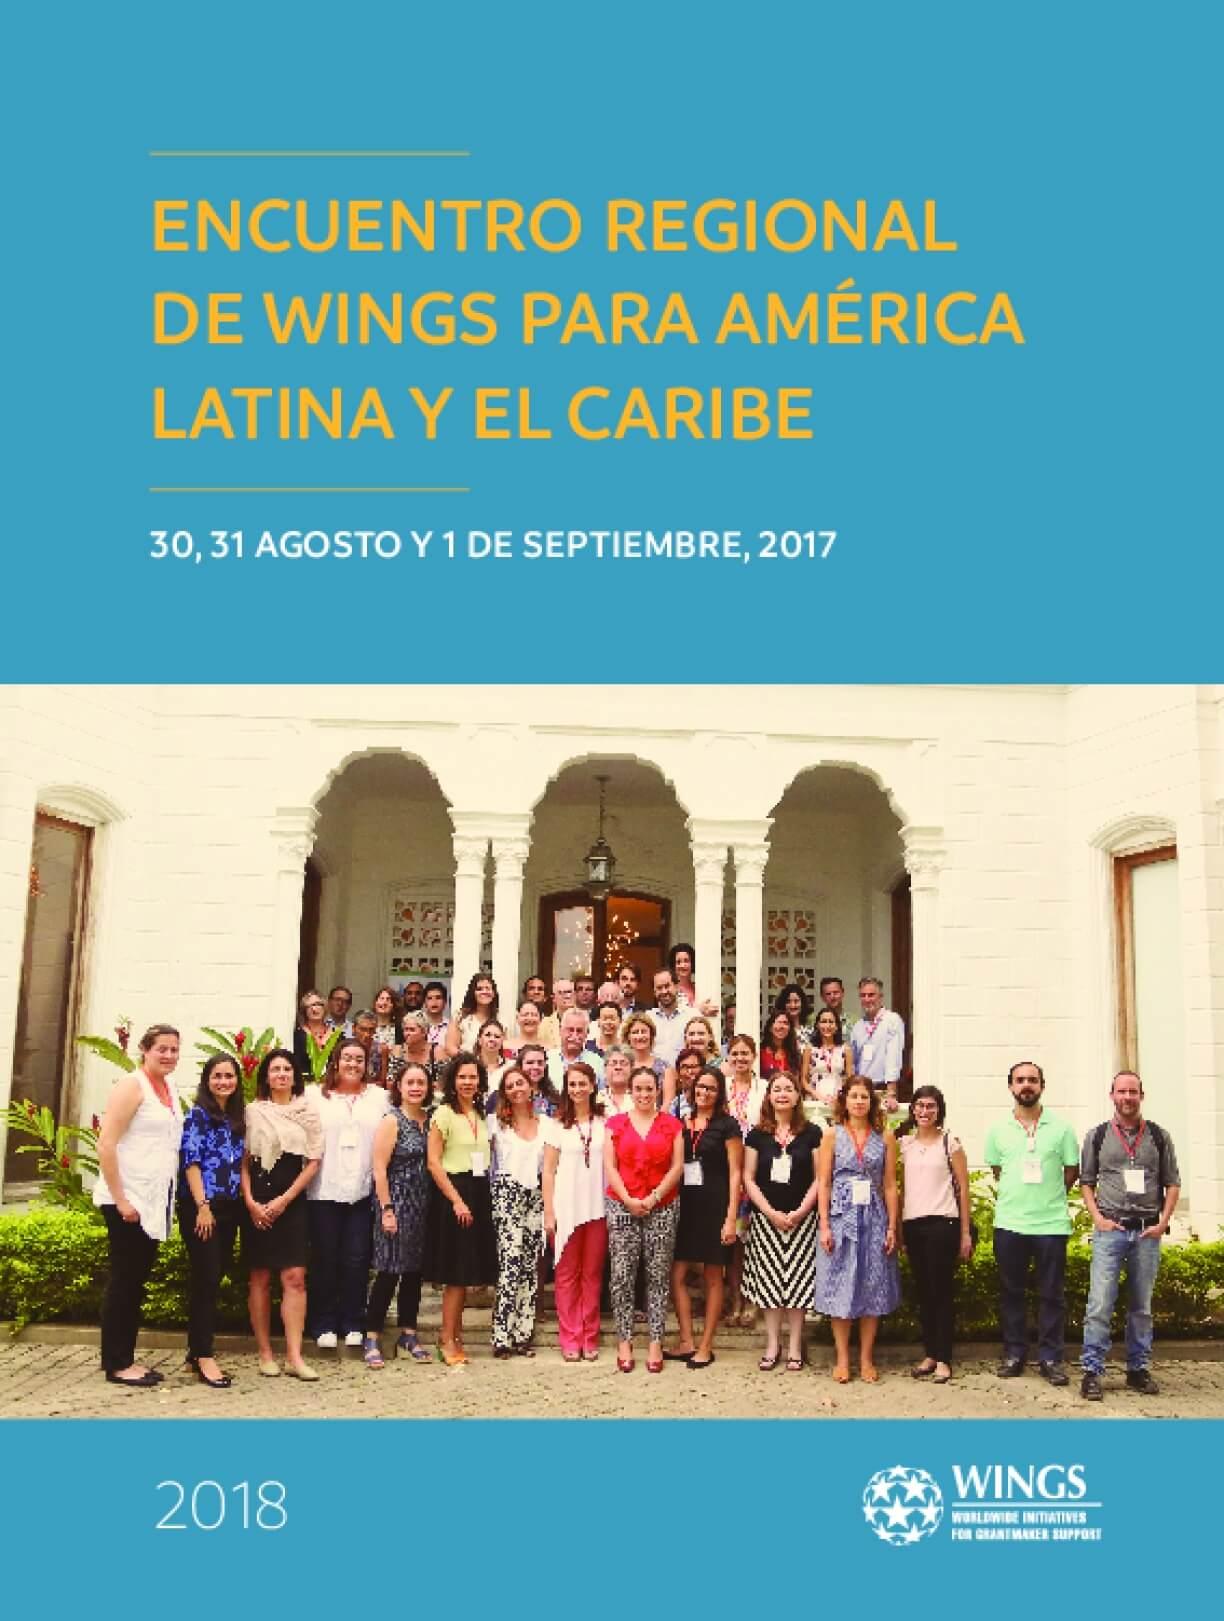 Encuentro Regional de WINGS para América Latina y el Caribe